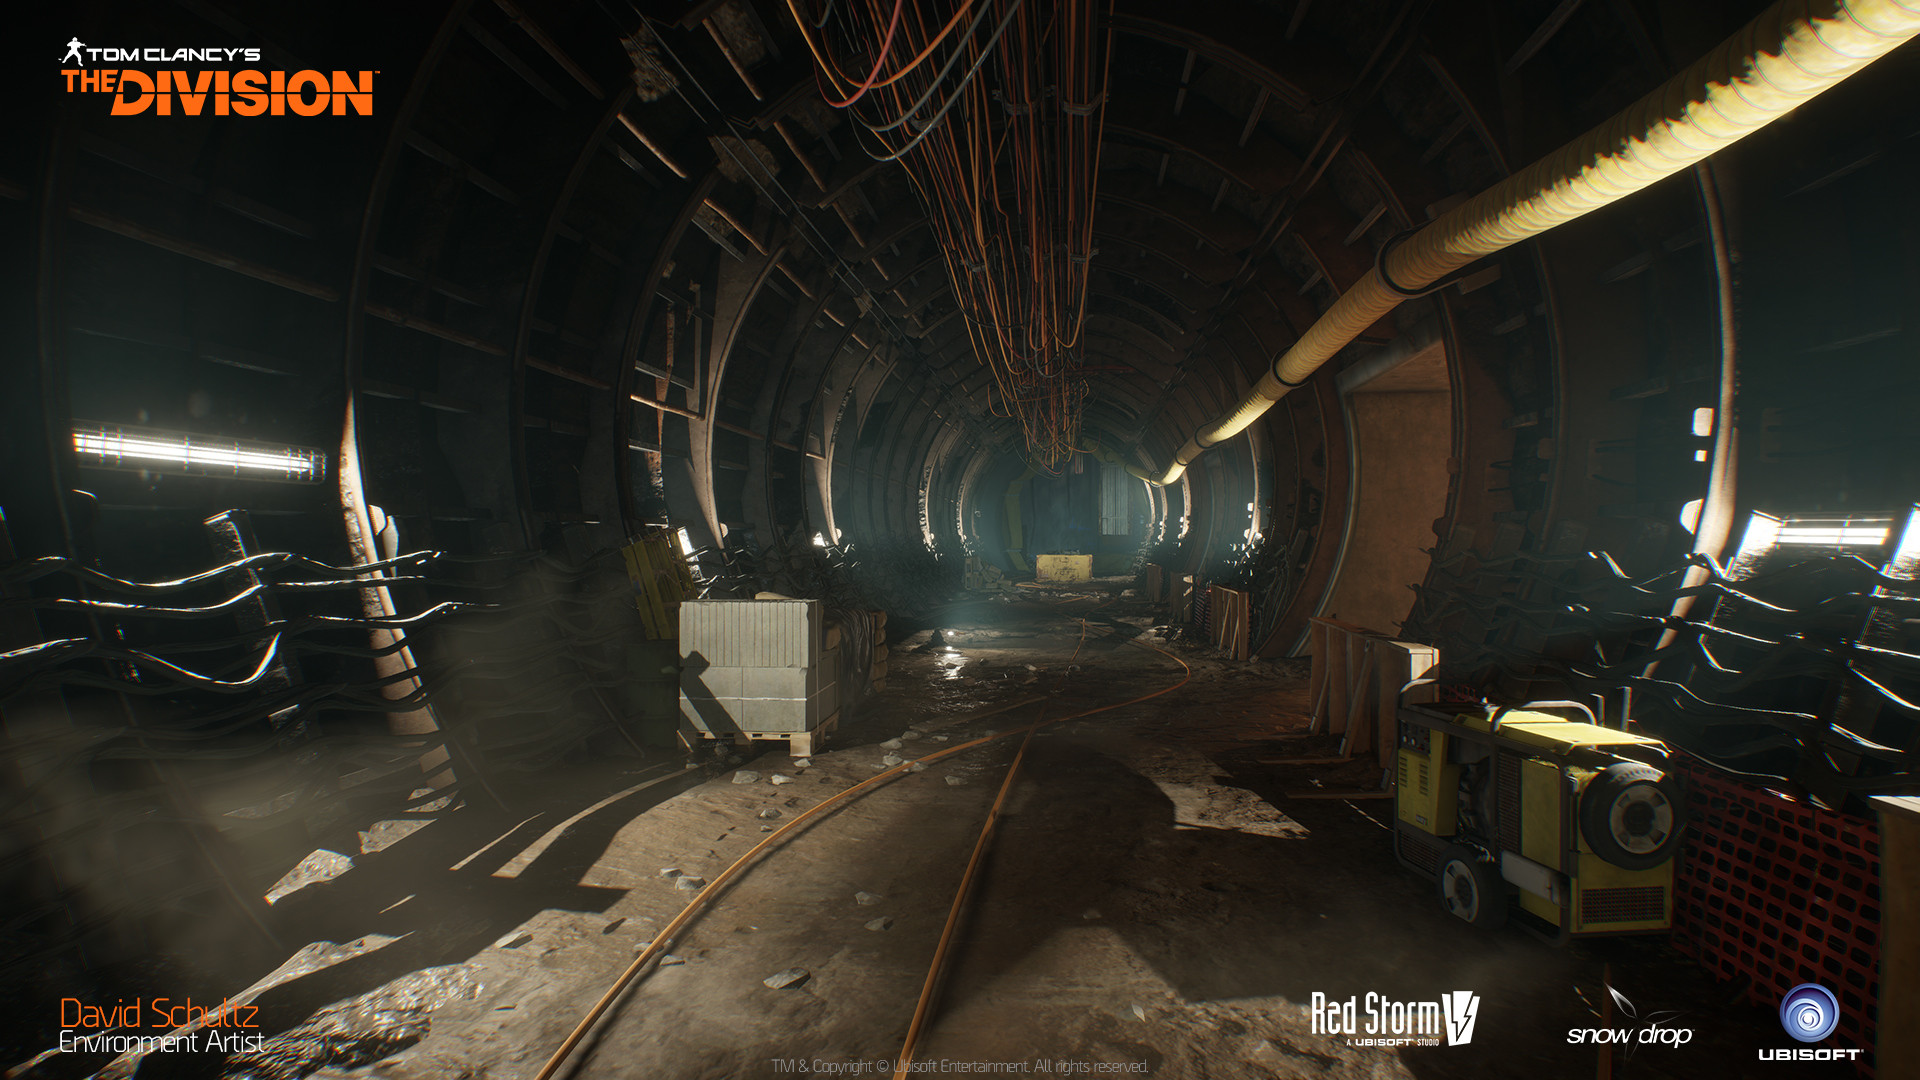 David schultz davidschultz underground 02